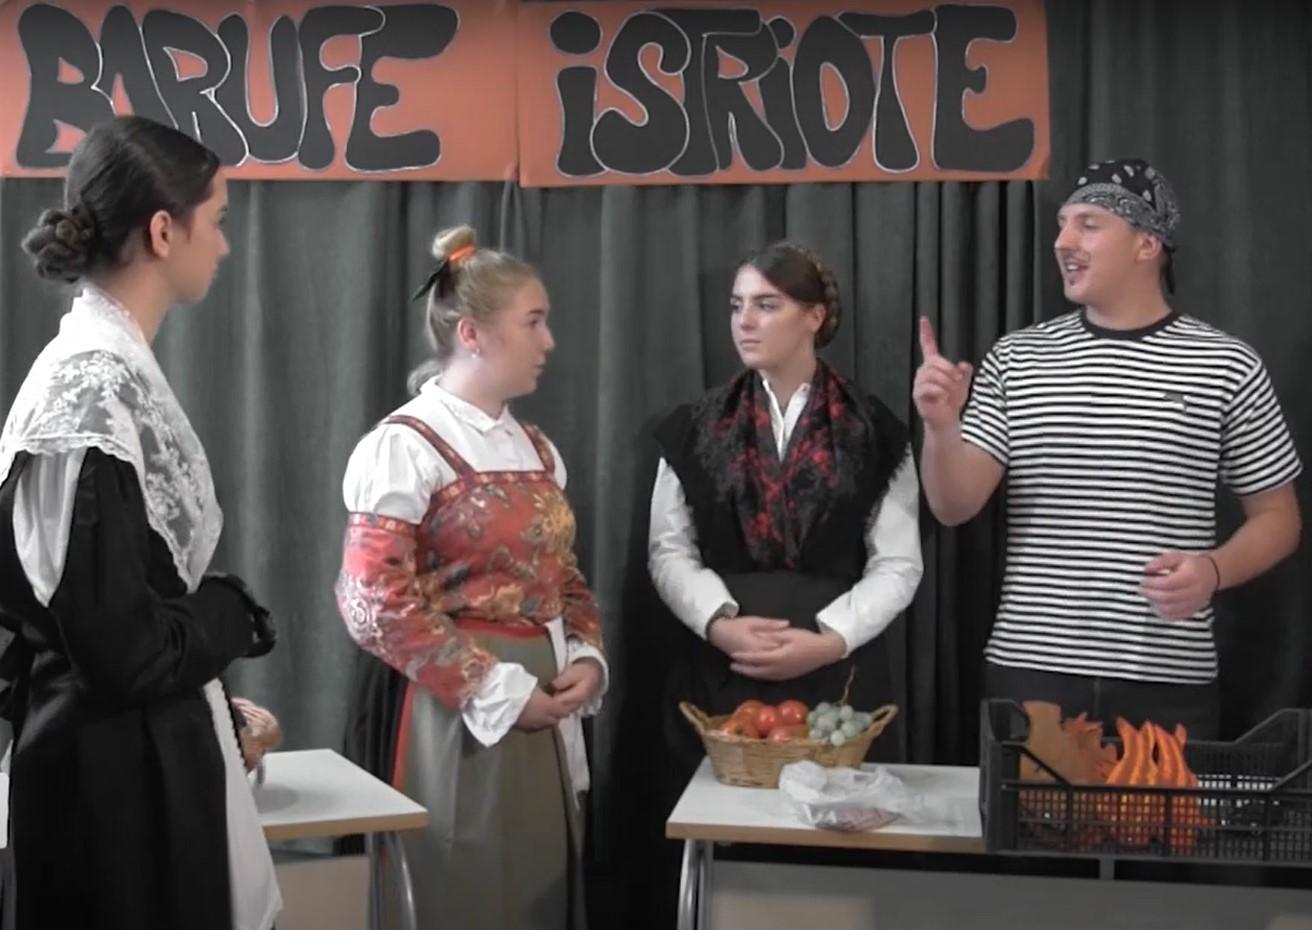 Gli alunni delle scuole elementare e media superiore premiati al Festival dell'istrioto